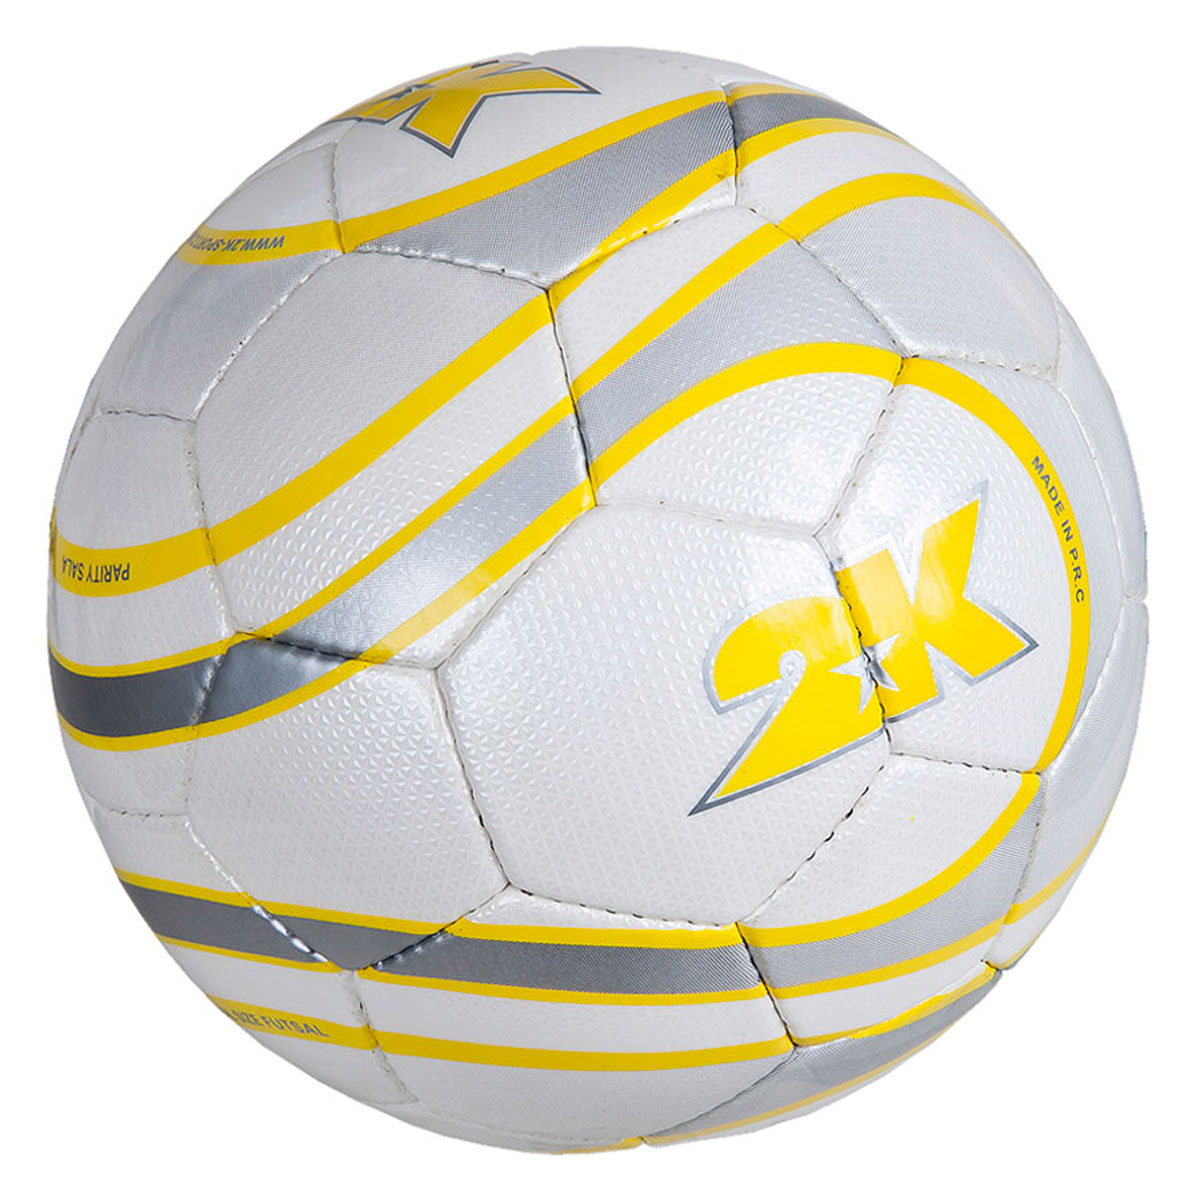 Мяч футзальный 2K Sport Parity, цвет: белый, желтый, серый. Размер 4200170Профессиональный футзальный мяч 2K Sport Parity предназначен для игры в зале. Выполнен из полиуретана. Четырехслойная подложка, изготовленная из полиэстера. Мяч имеет бесшовную бутиловую камеру с бутиловым ниппелем. Ручная сшивка панелей.